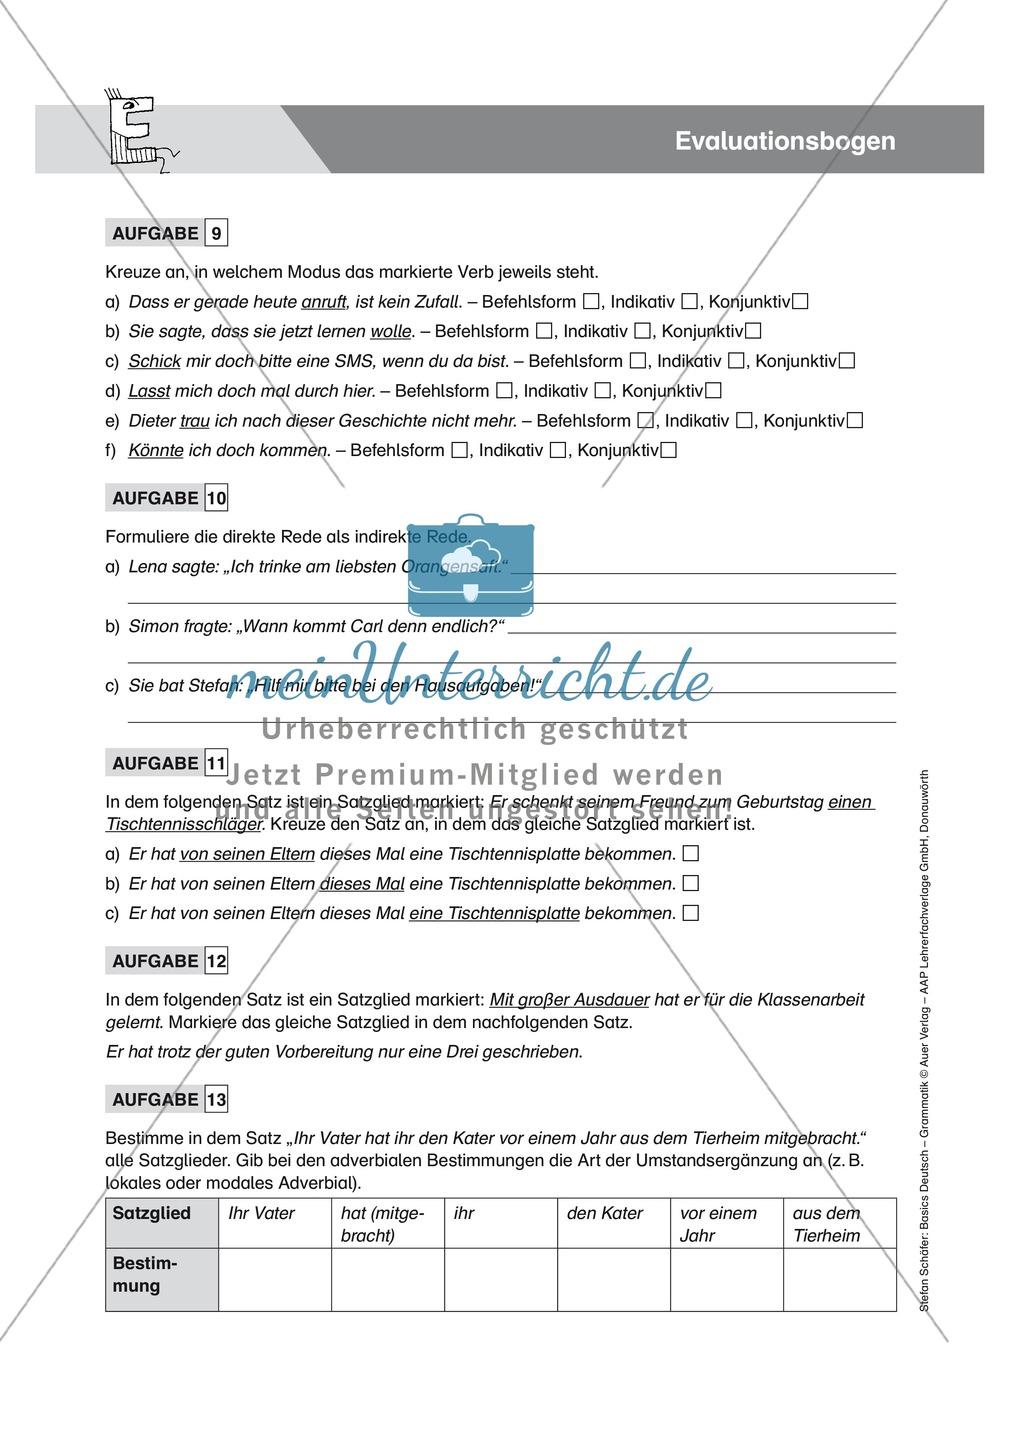 Basics Grammatik: Evaluationsbogen mit Aufgaben + Lösungen Preview 2